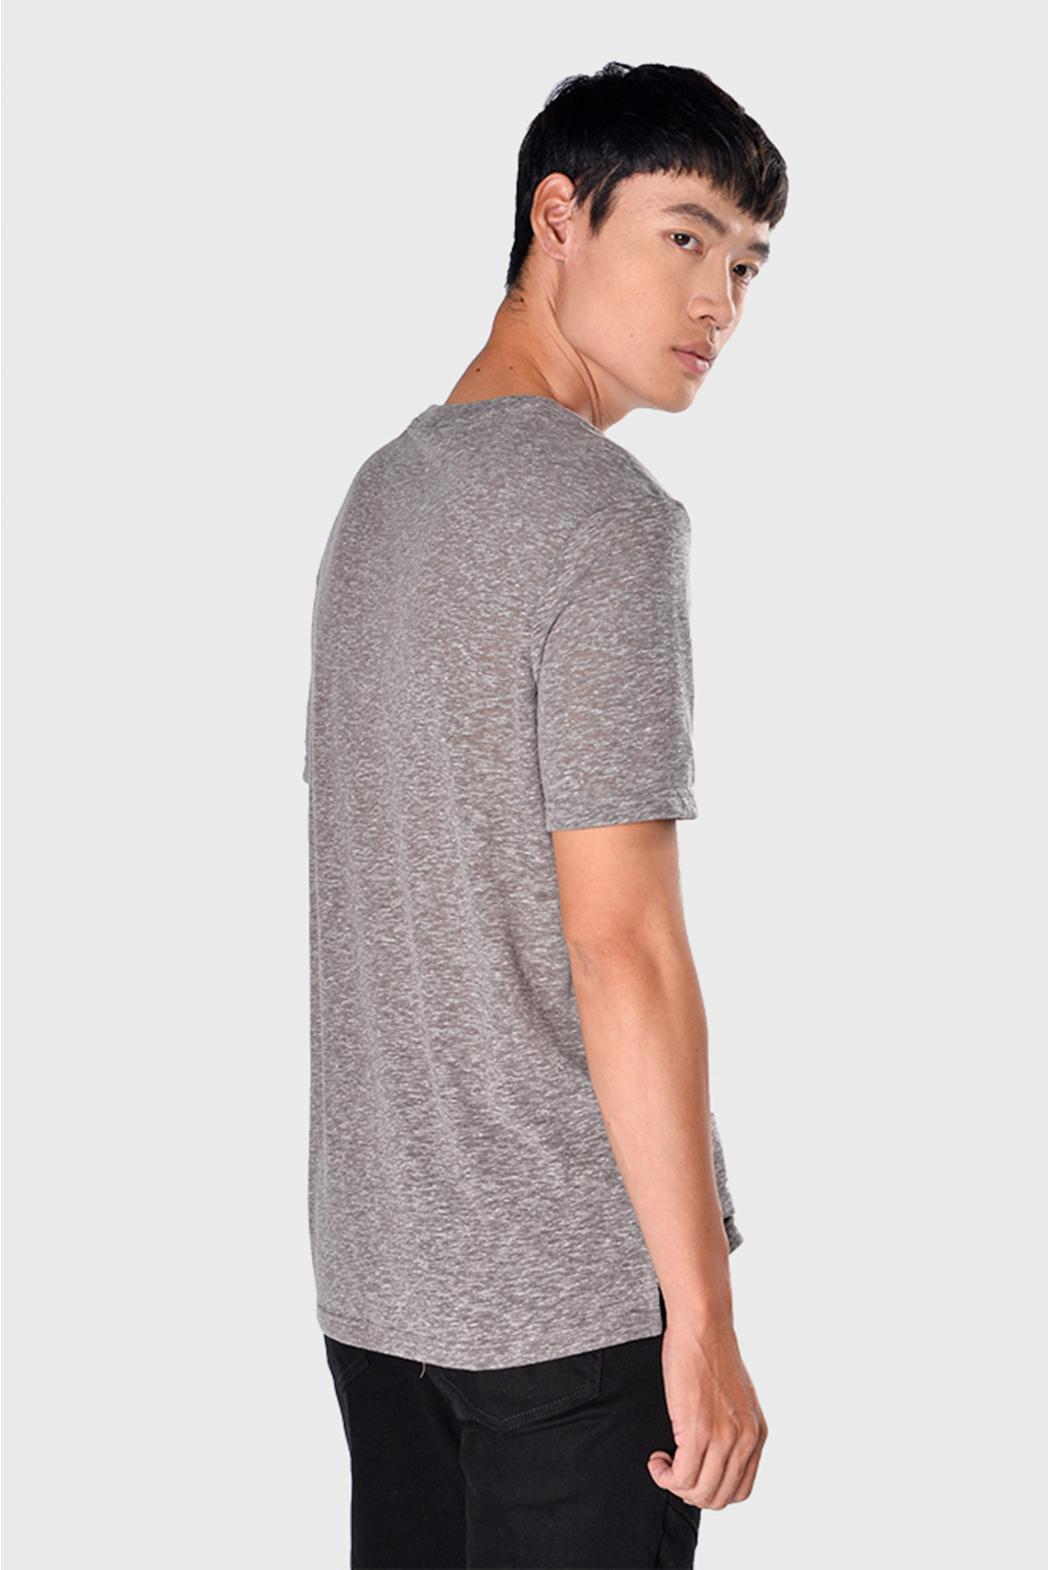 T-shirt Regular in hình TS32-S19 - AT2013282